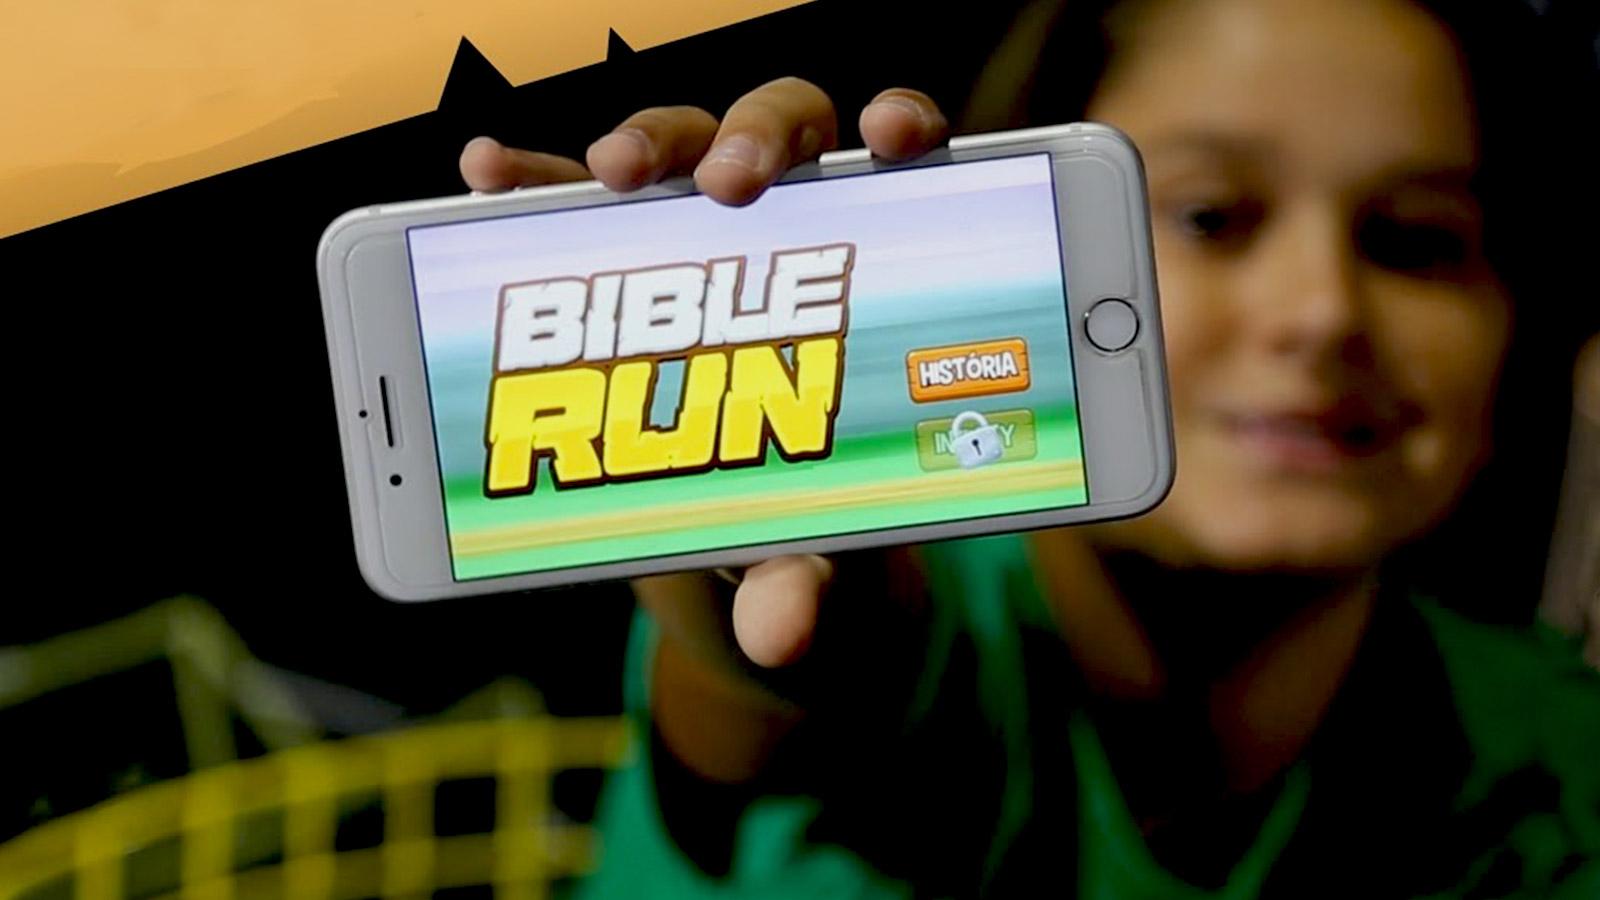 RUN-BIBLE